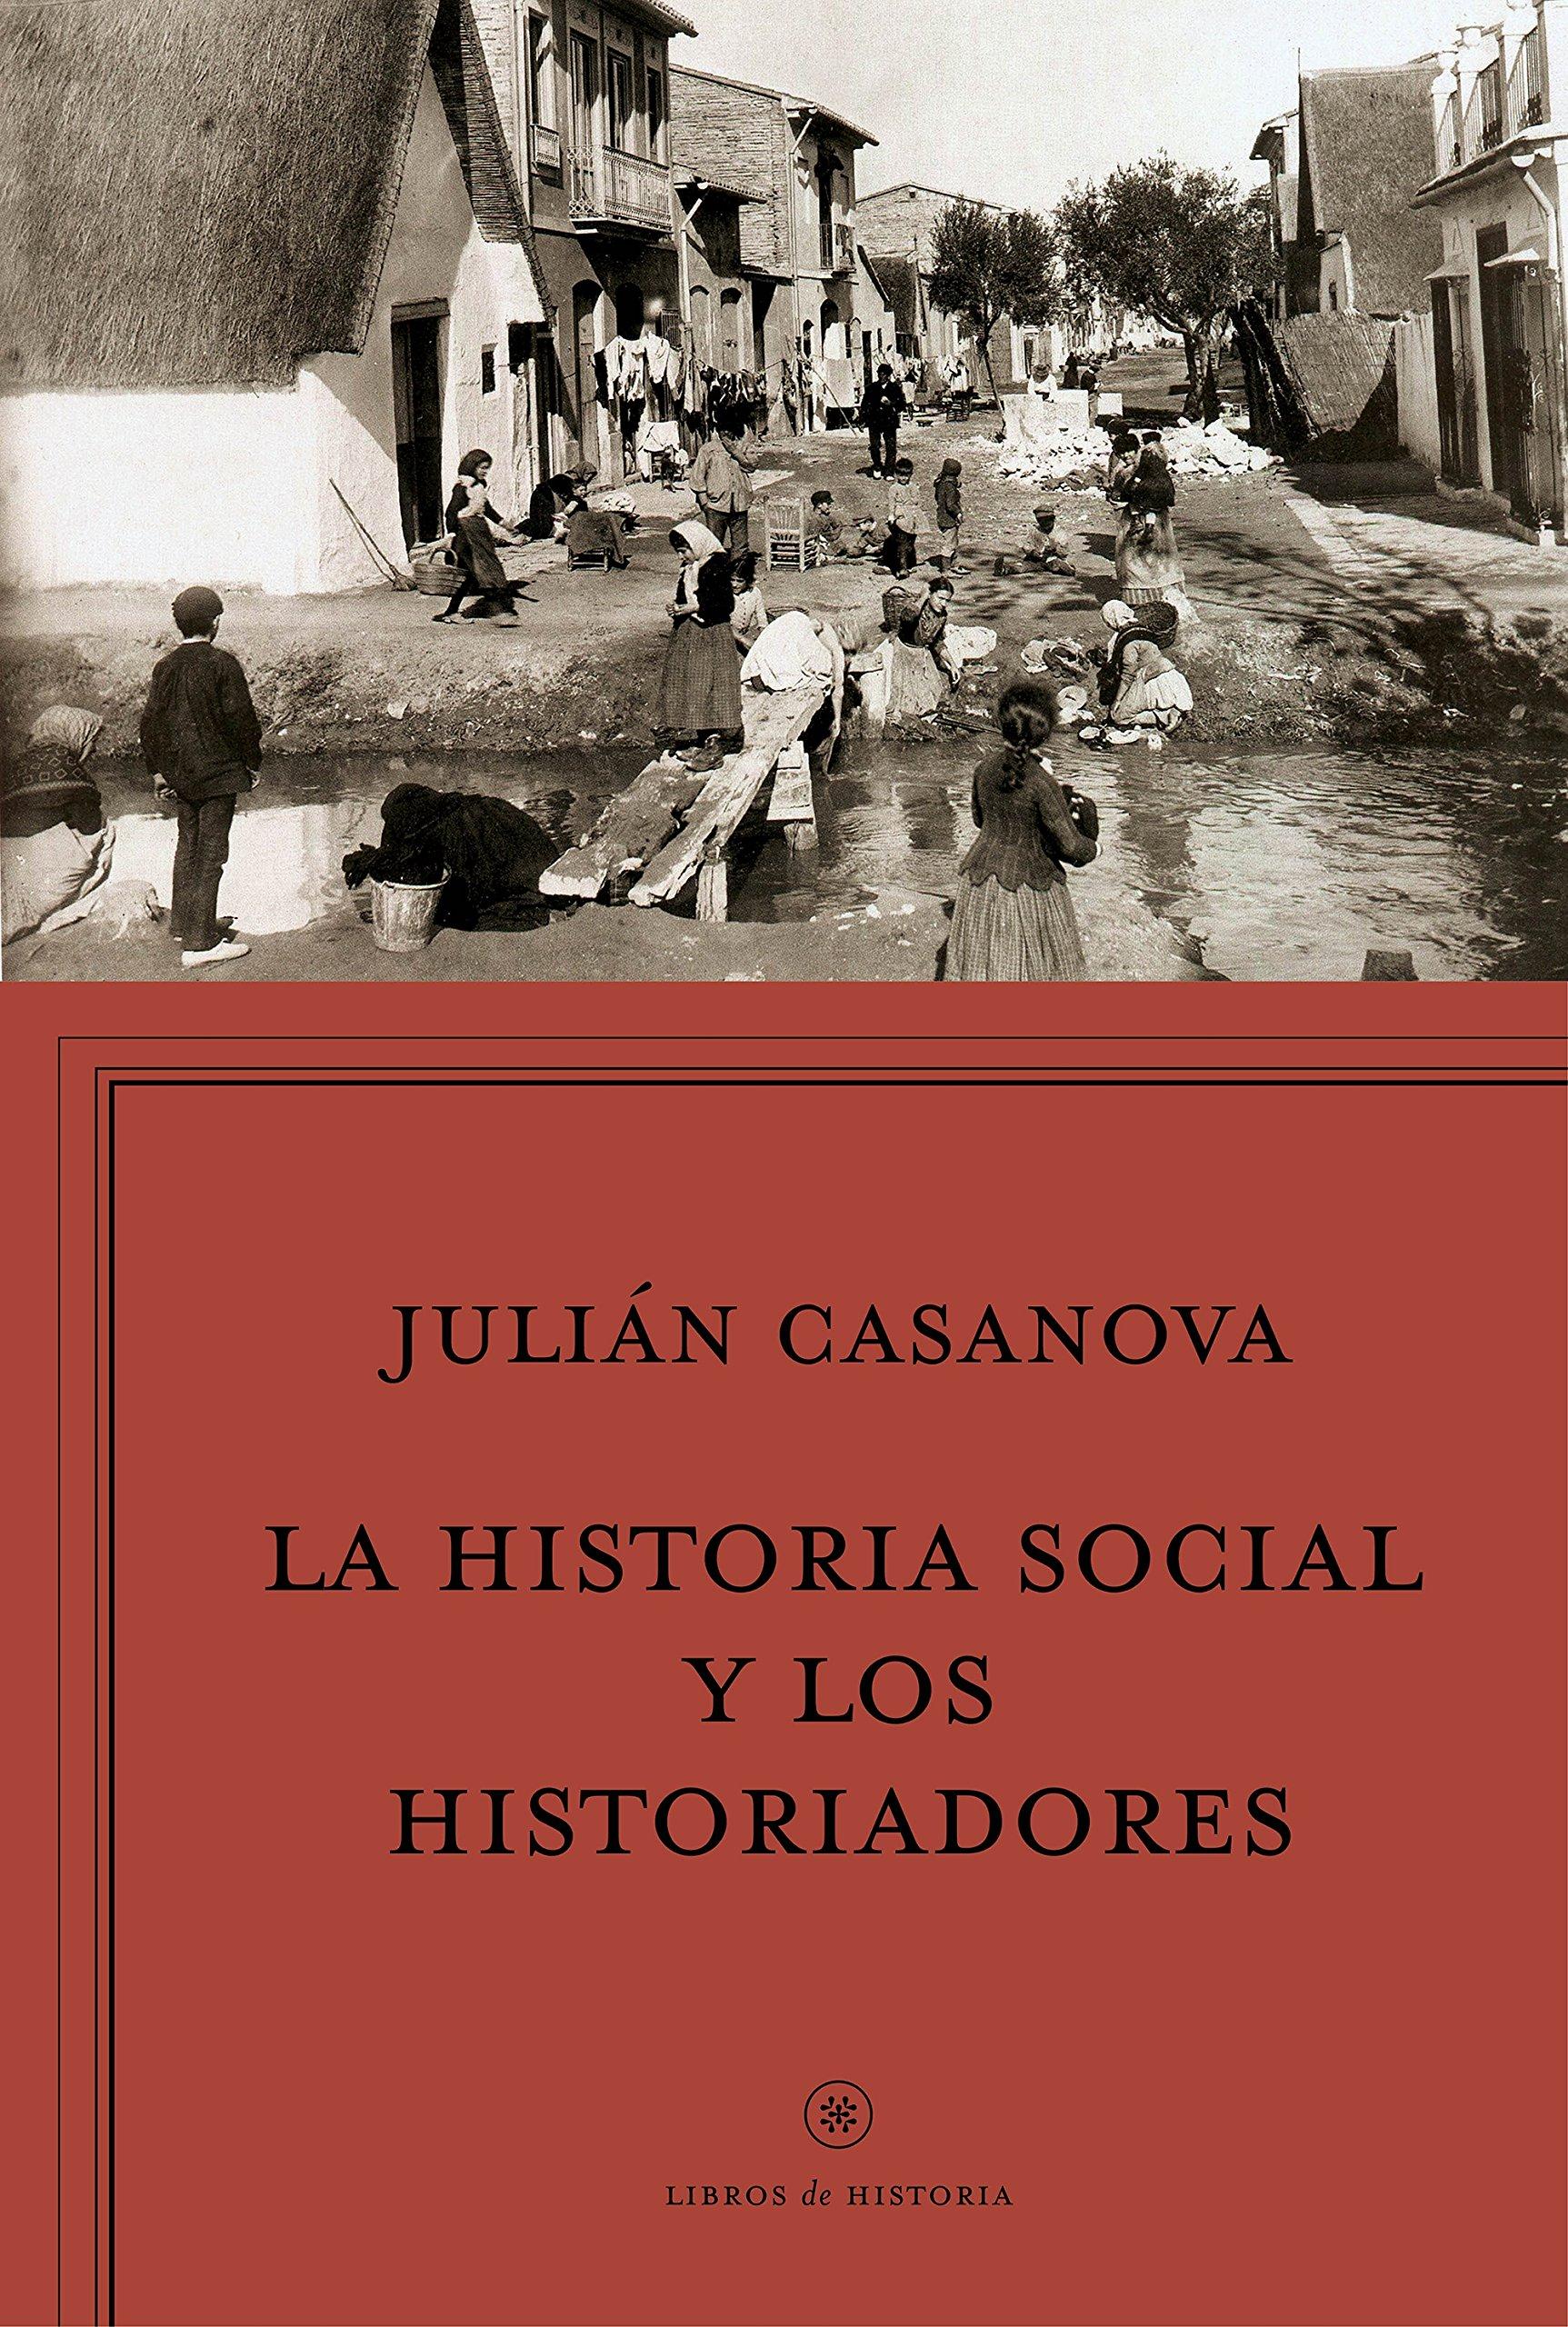 La historia social y los historiadores: ¿Cenicienta o princesa? Libros de Historia: Amazon.es: Casanova, Julián: Libros